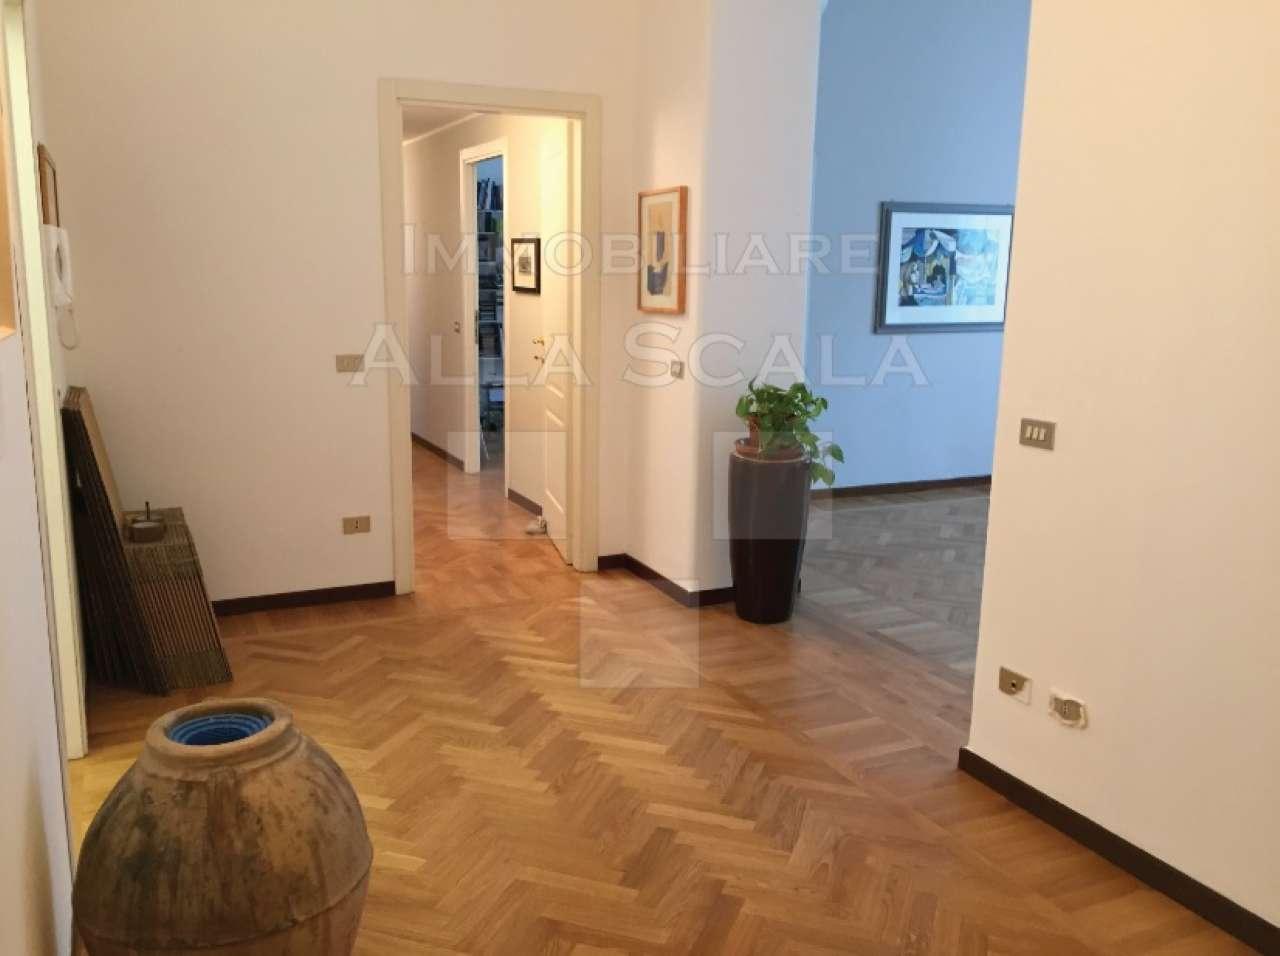 Appartamento in Affitto a Milano 08 Vercelli / Magenta / Cadorna / Washington: 4 locali, 160 mq